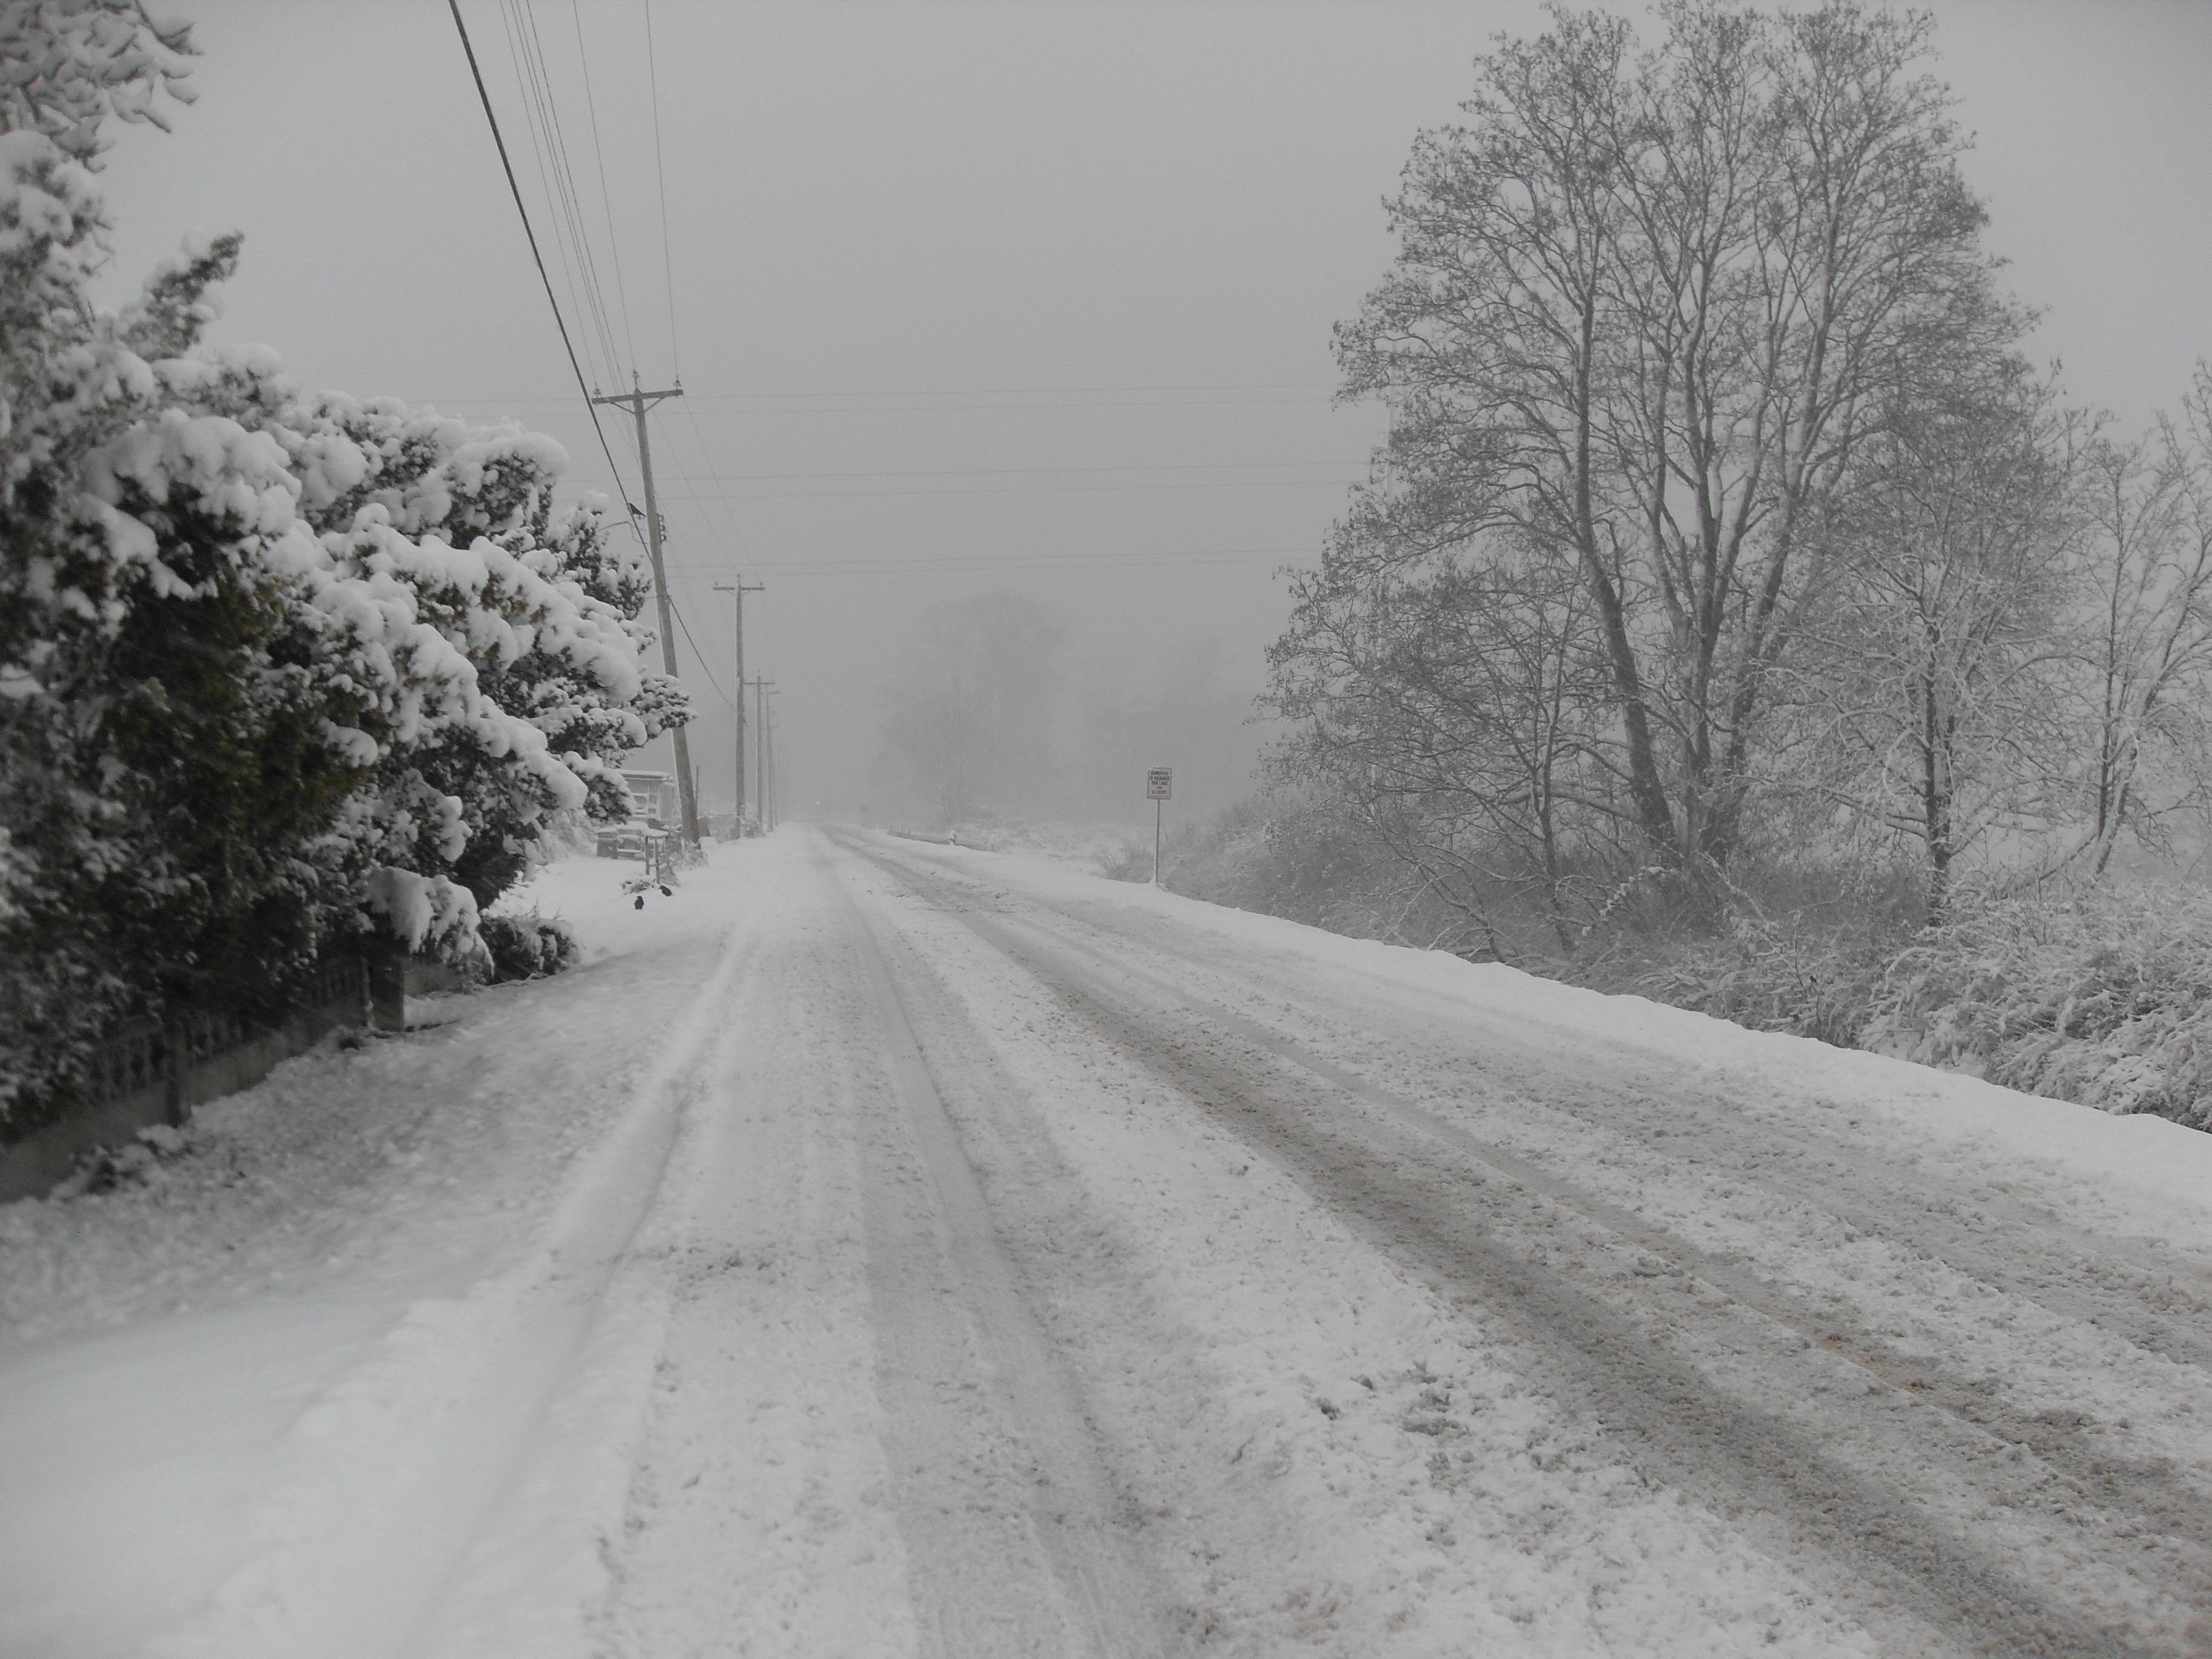 Gambar Pemandangan Musim Dingin Hitam Dan Putih Lalu Lintas